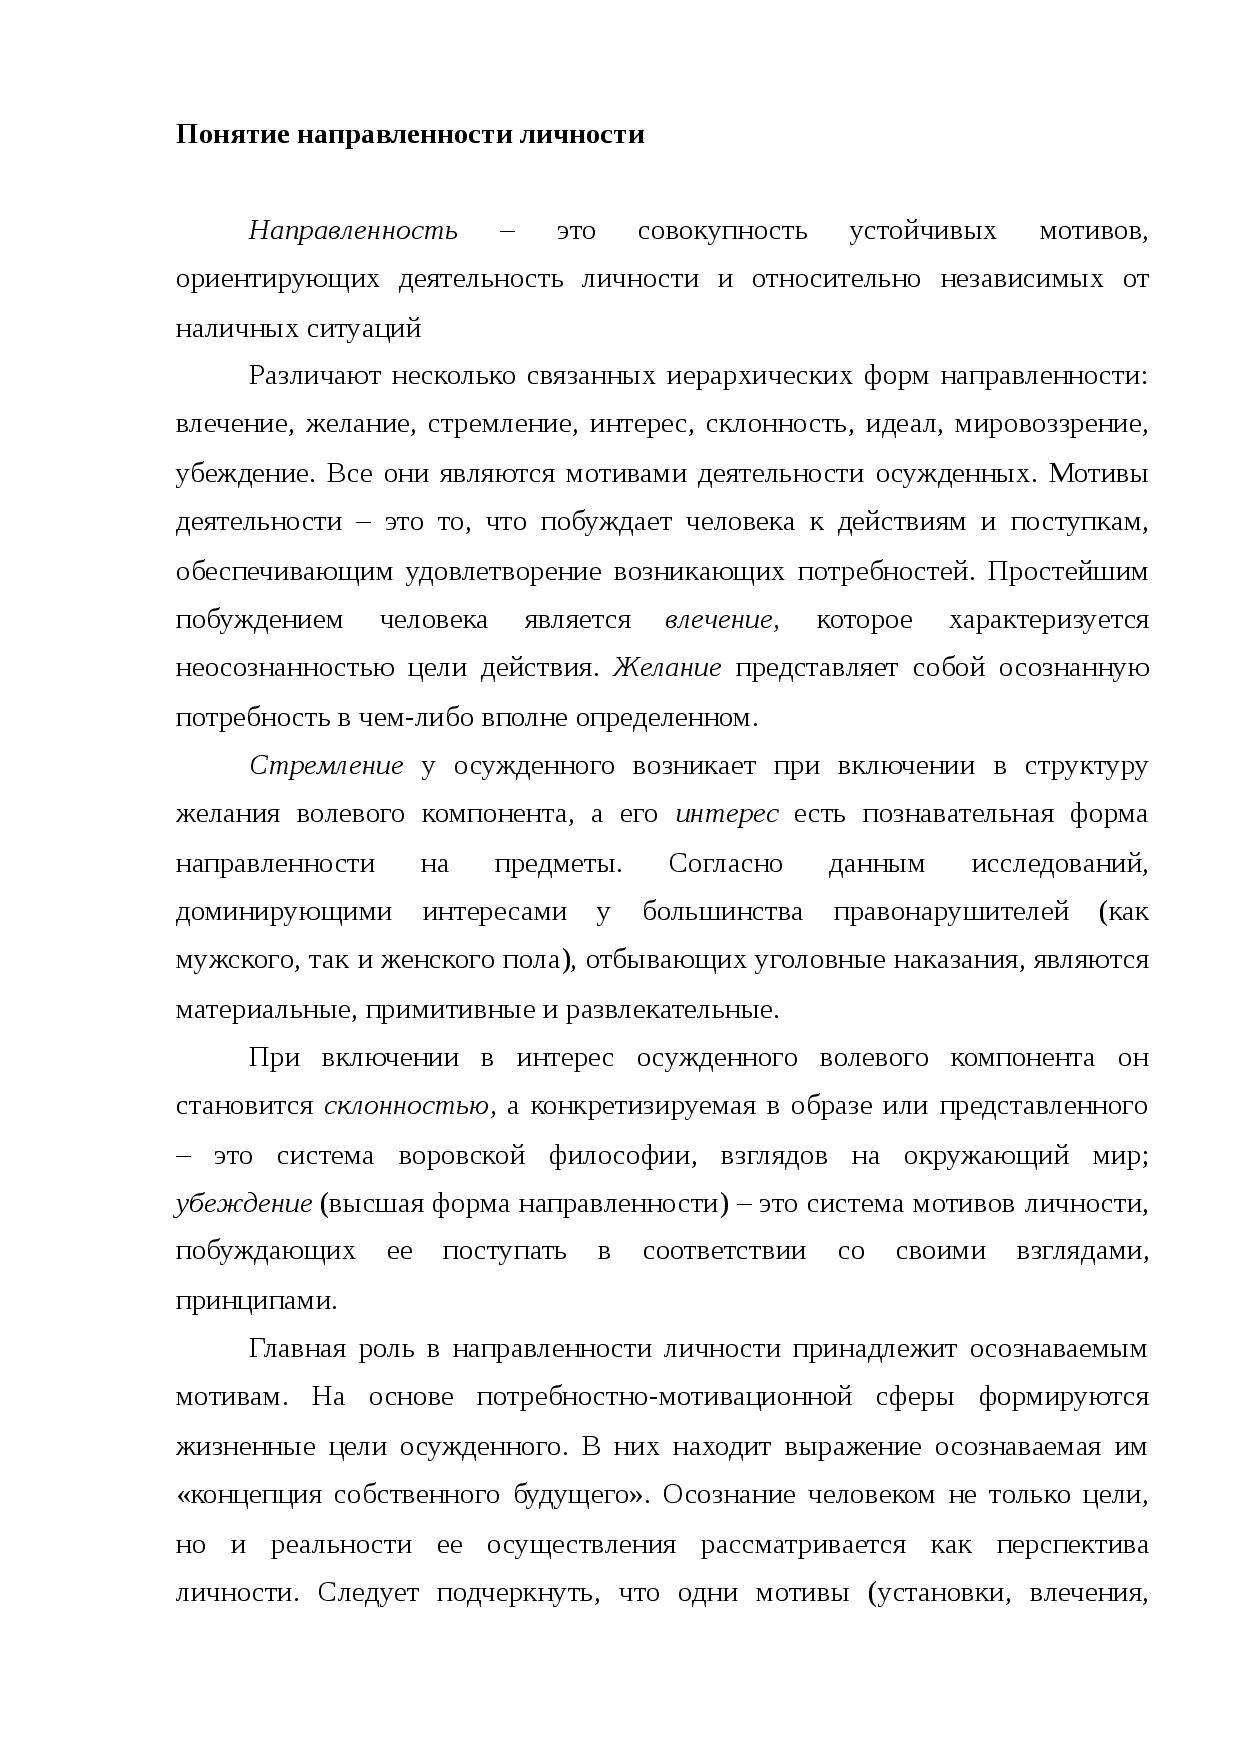 Направленность личности в психологии